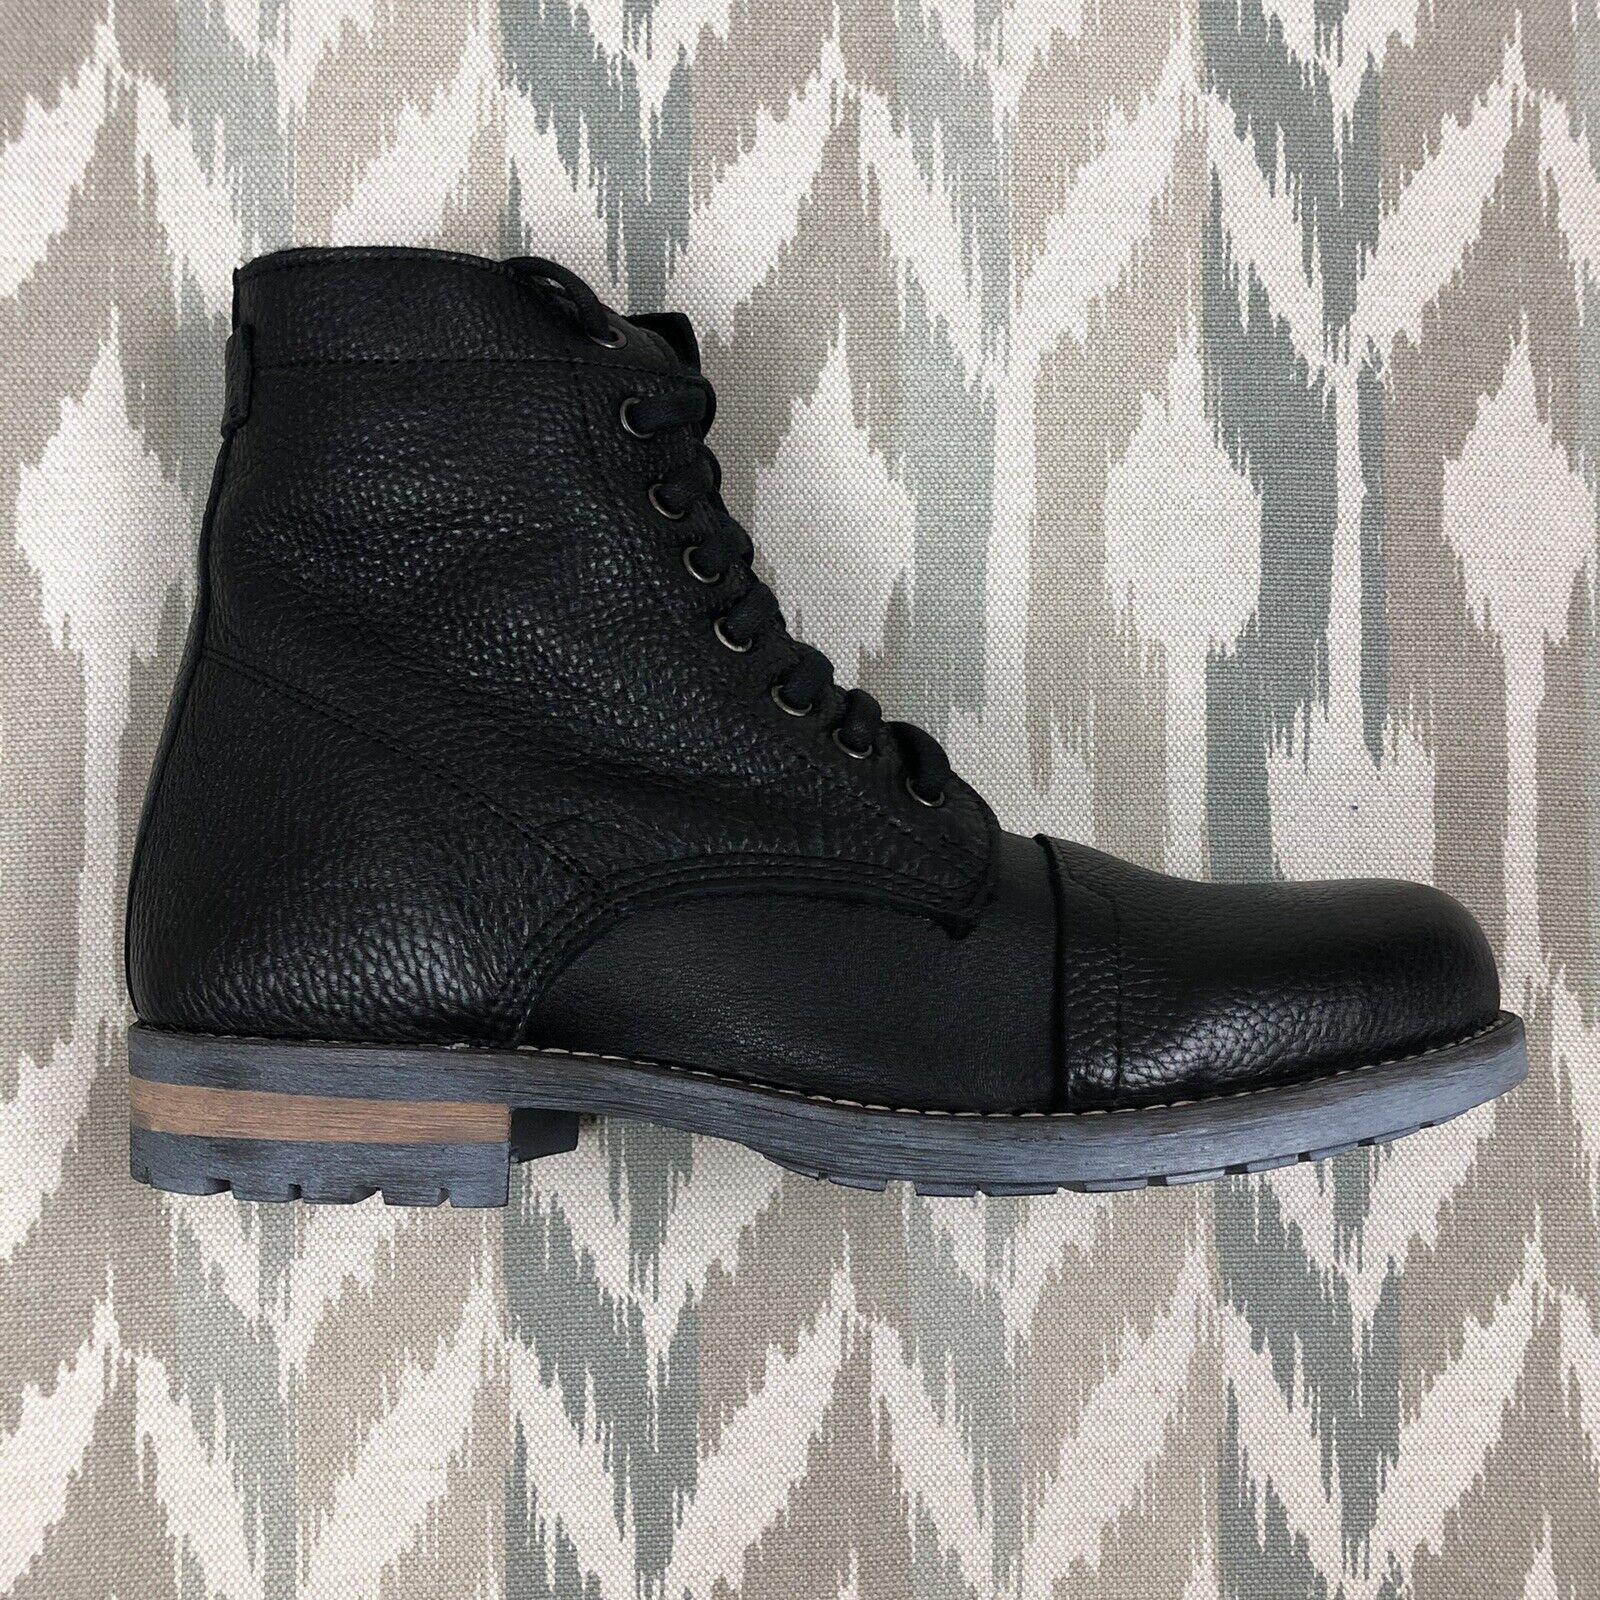 Luxe De Leon Mens ARCO Faux Fur Closed Toe Ankle Black Leather Boots Chose Sz